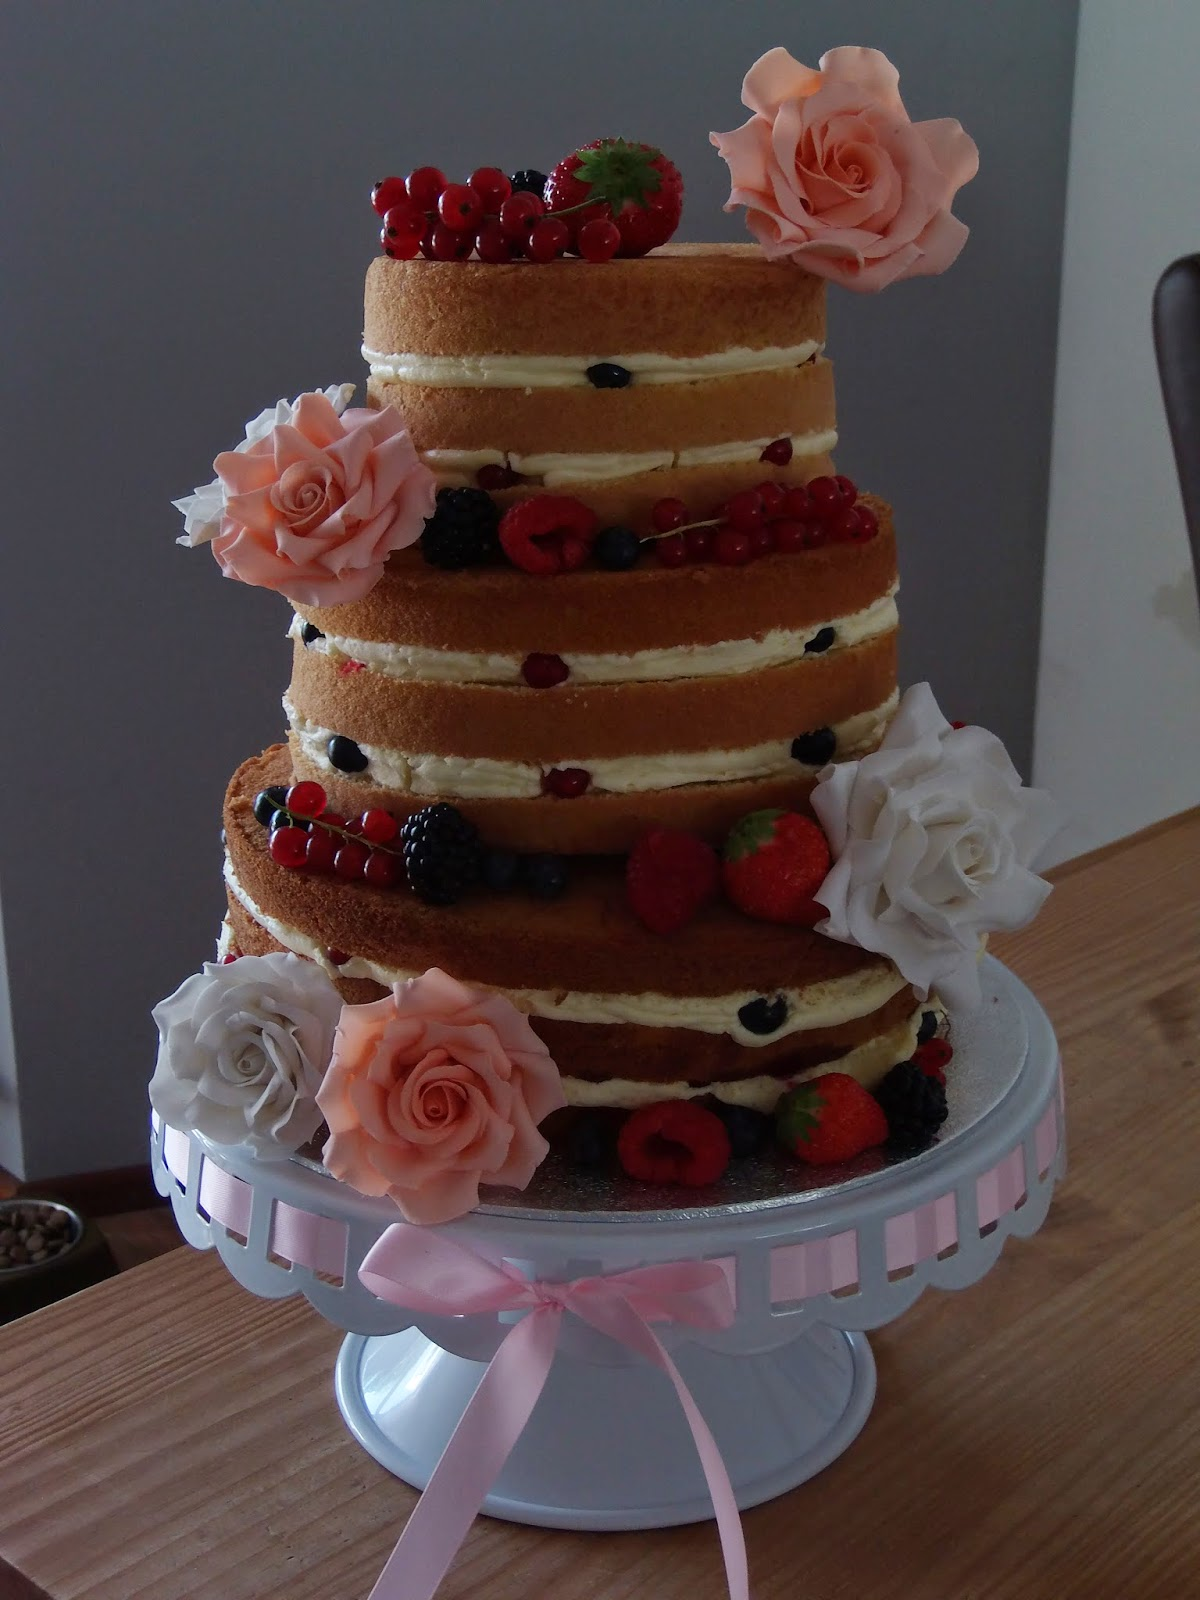 Kale bruidstaart.. Nude cake (Pagina 1) - Bruids- en